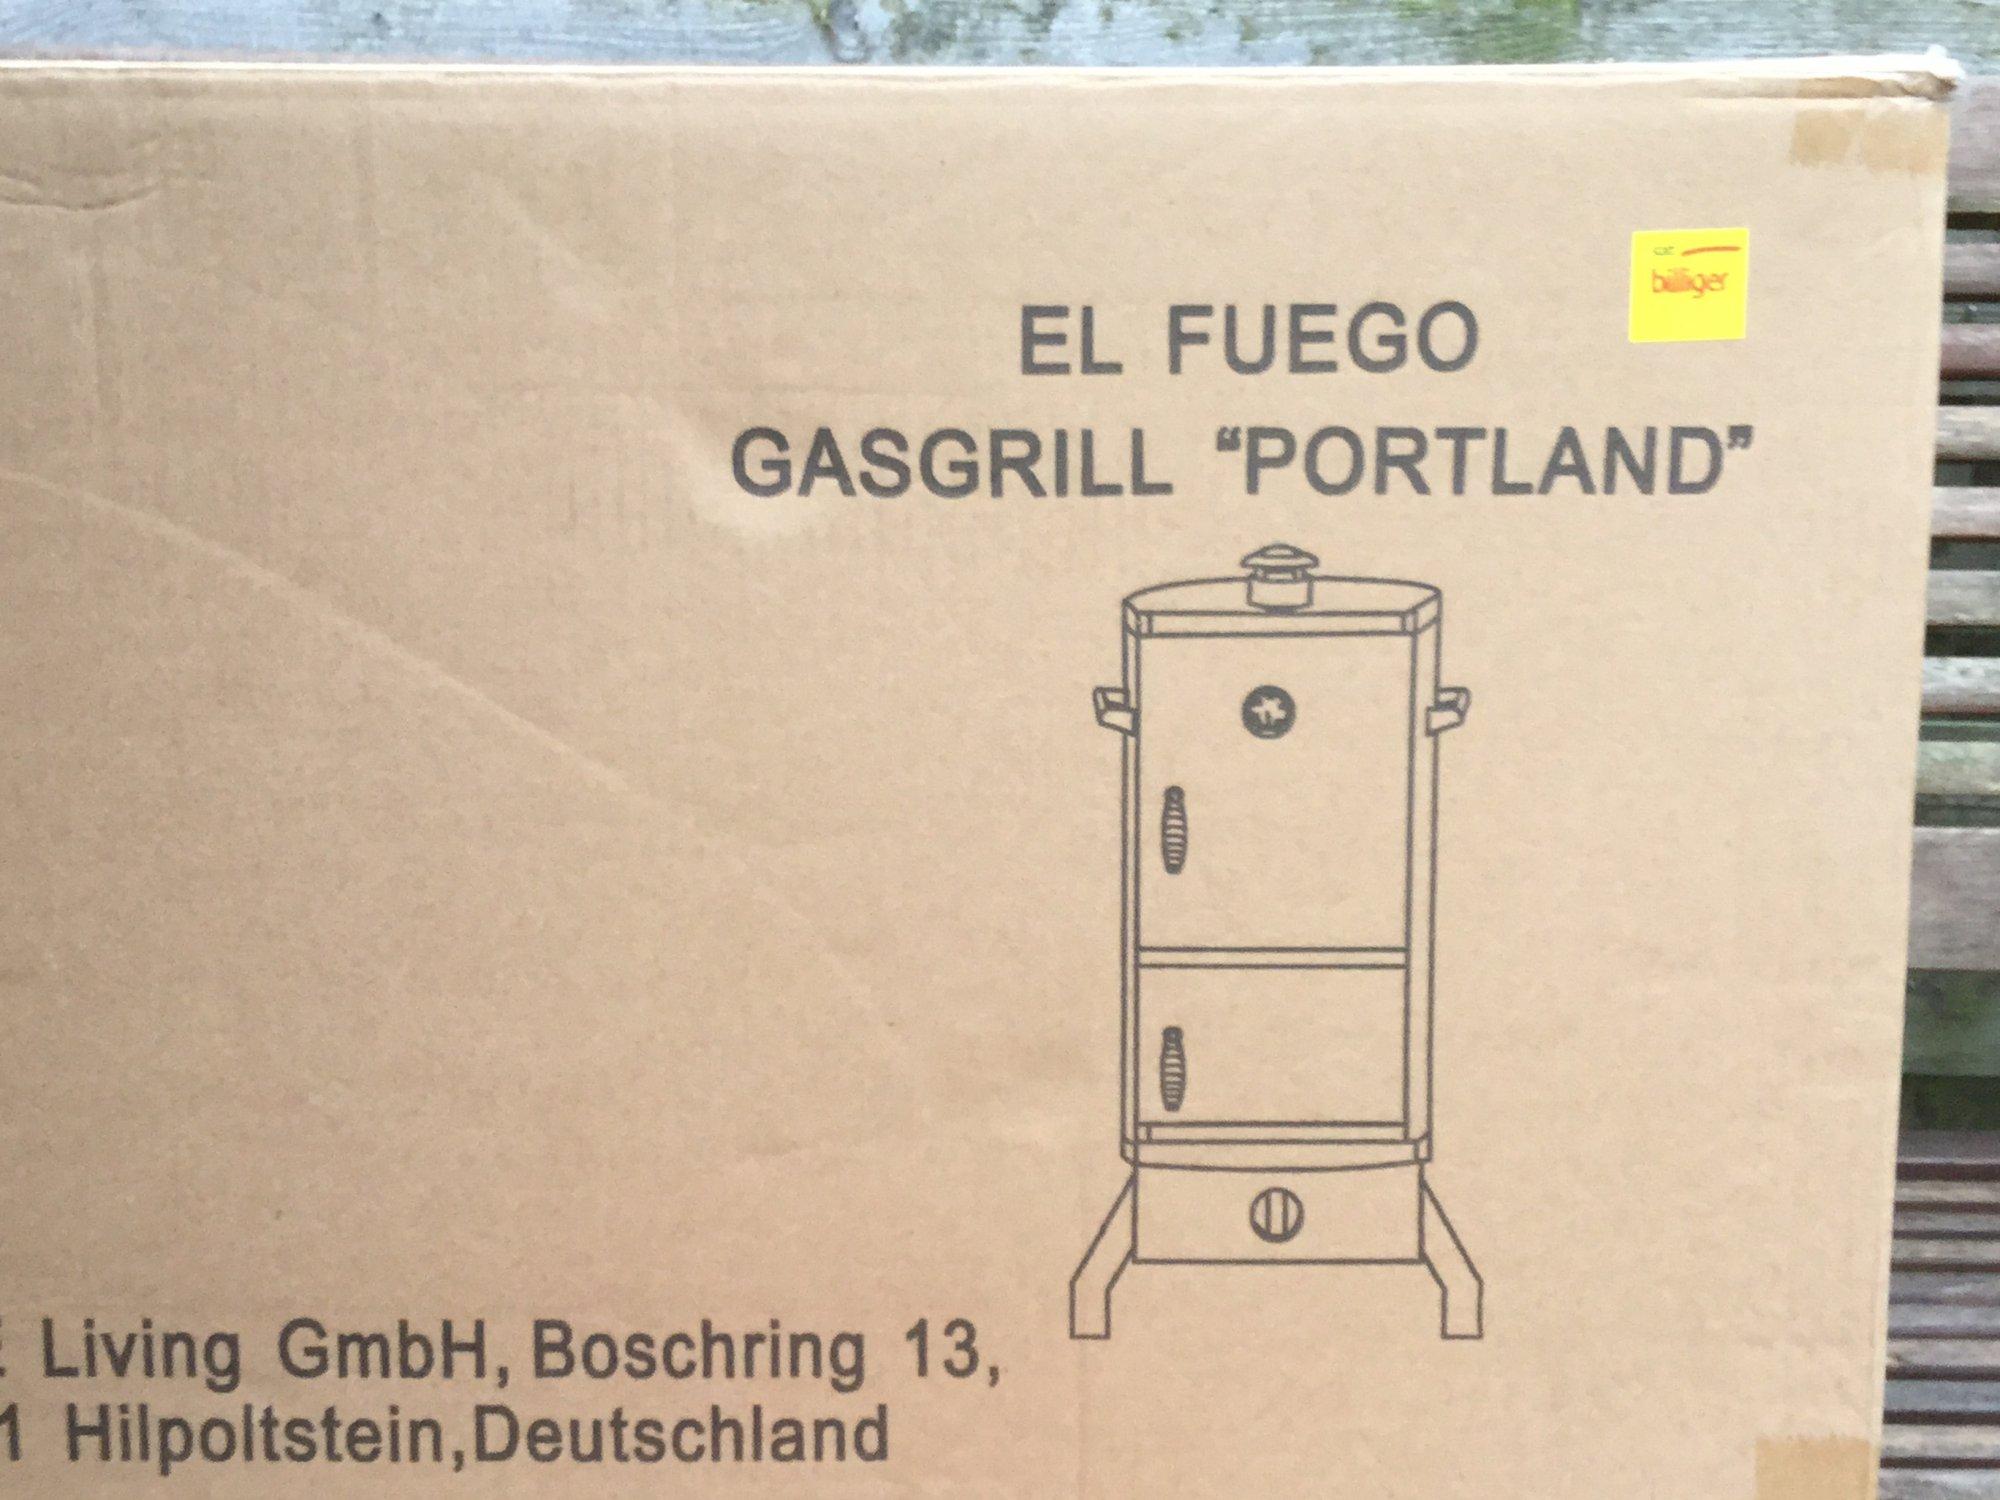 Landmann Gasgrill Famila : El fuego portland gasgrill seite 188 grillforum und bbq www